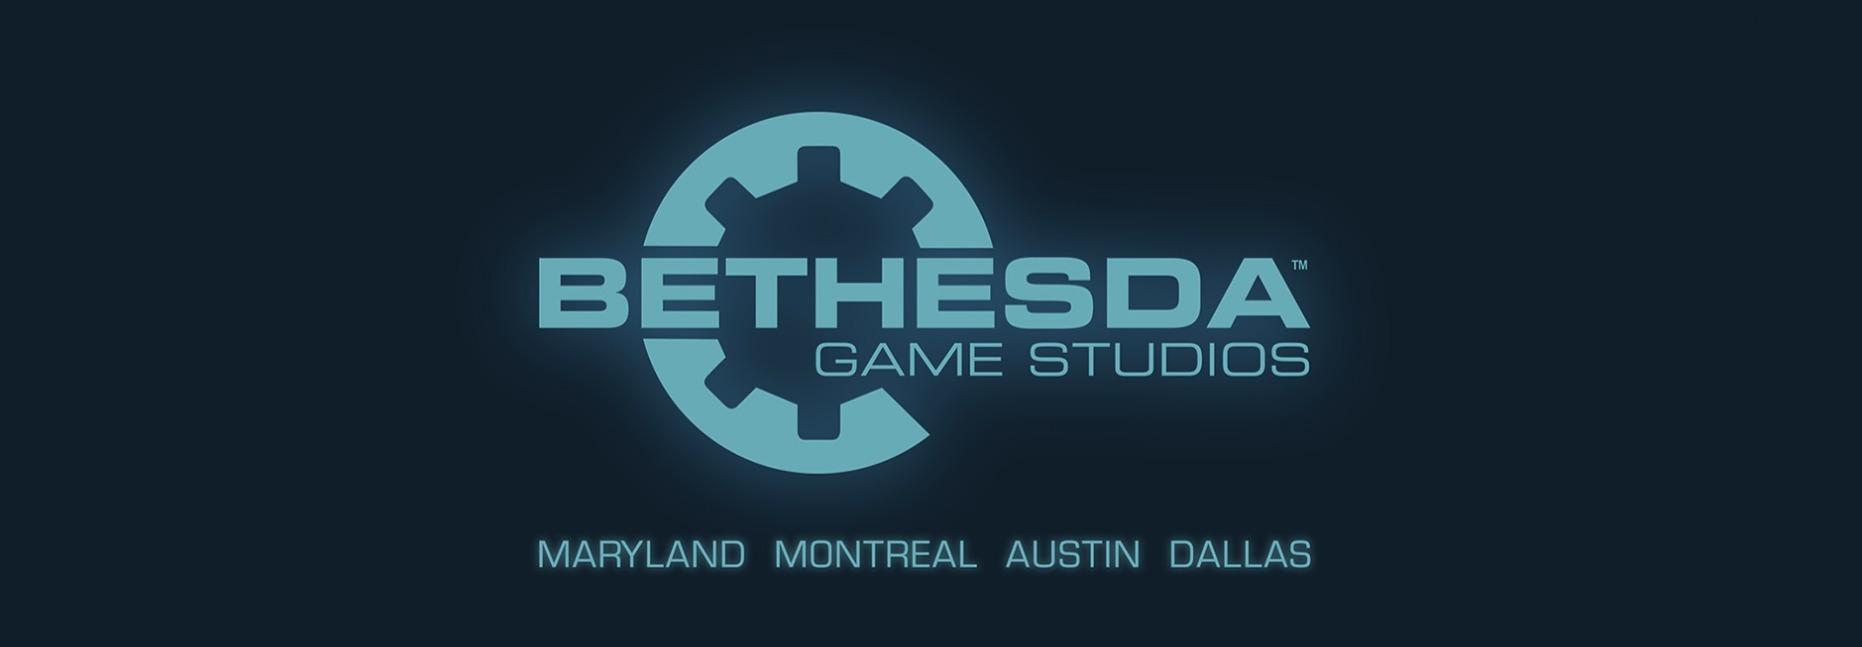 Сегодня Bethesda Game Studios, дочерняя компания ZeniMax Media, объявила, что продолжает наращивать и усиливать свои возможности в сфере разработки игр и приветствует в своих рядах Escalation Studios из Далласа, Техас.